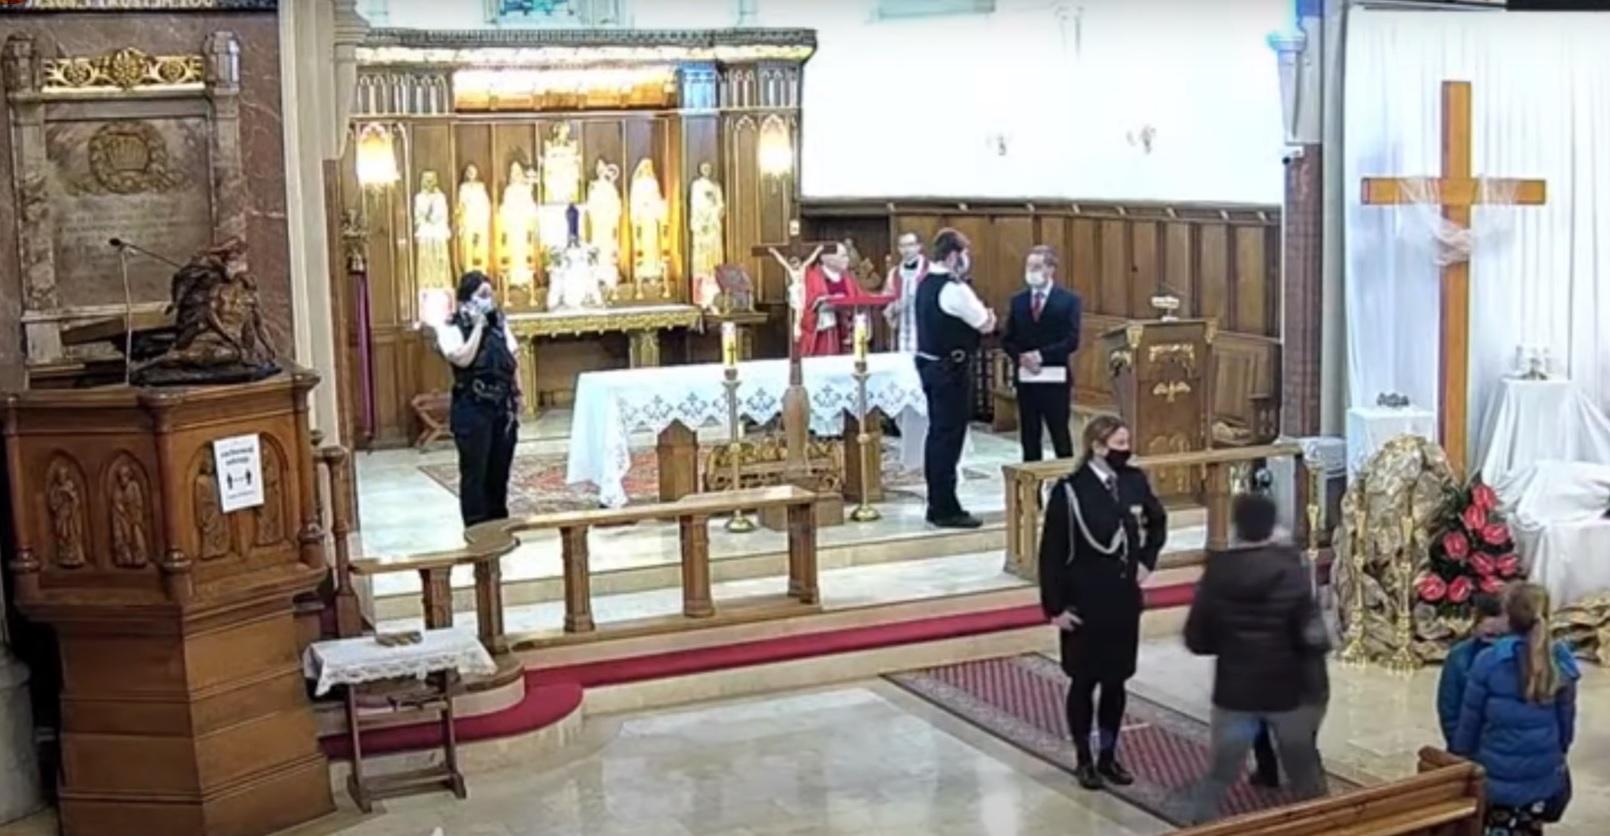 Londyn: W polskim kościele, w którym akurat odbywało się nabożeństwo nagle weszła policja, całe zajście zostało nagranie i szybko obiegło sieć